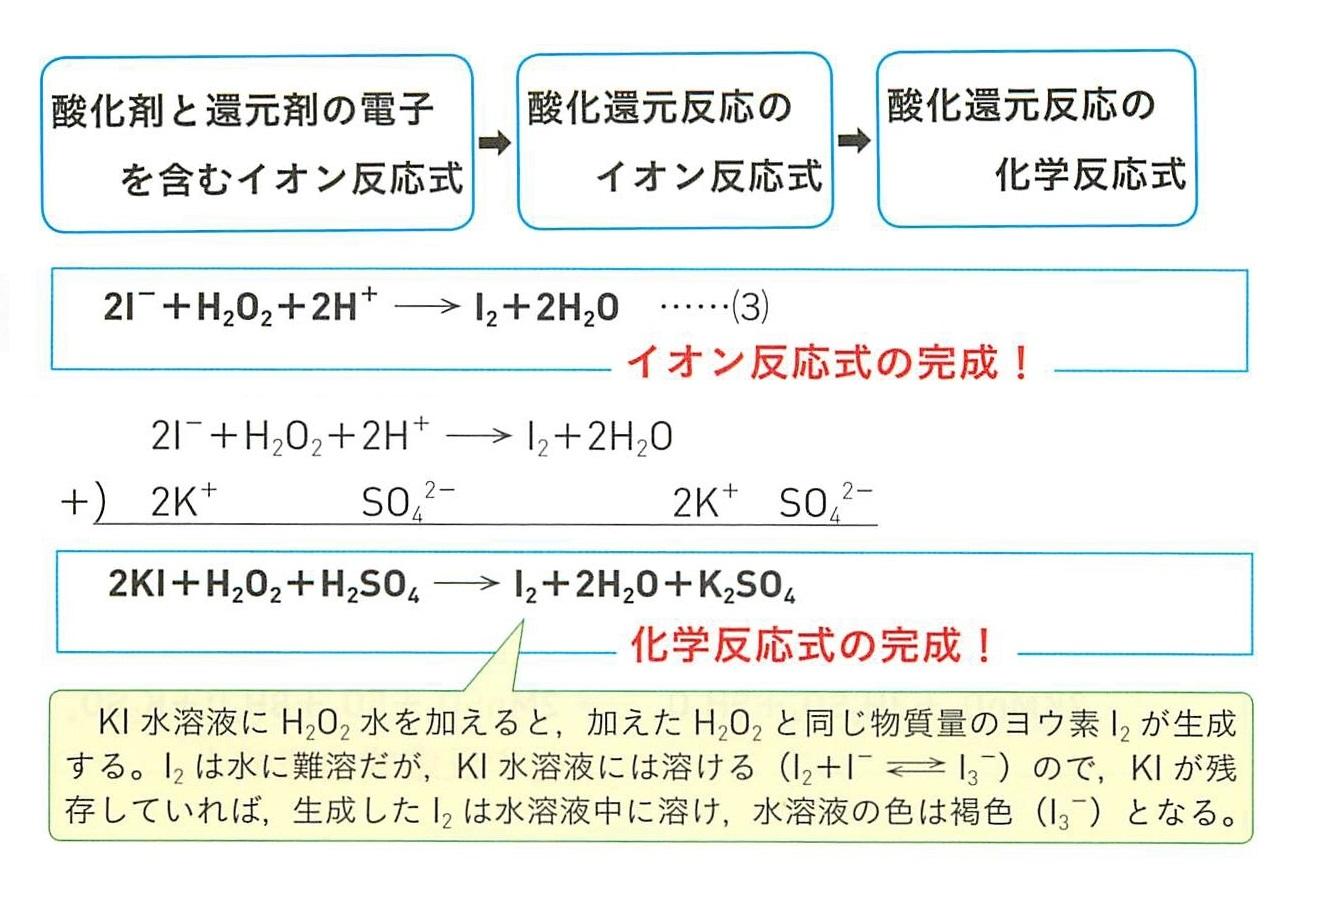 酸化 シュウ ナトリウム の 式 和 と 酸 反応 中 水